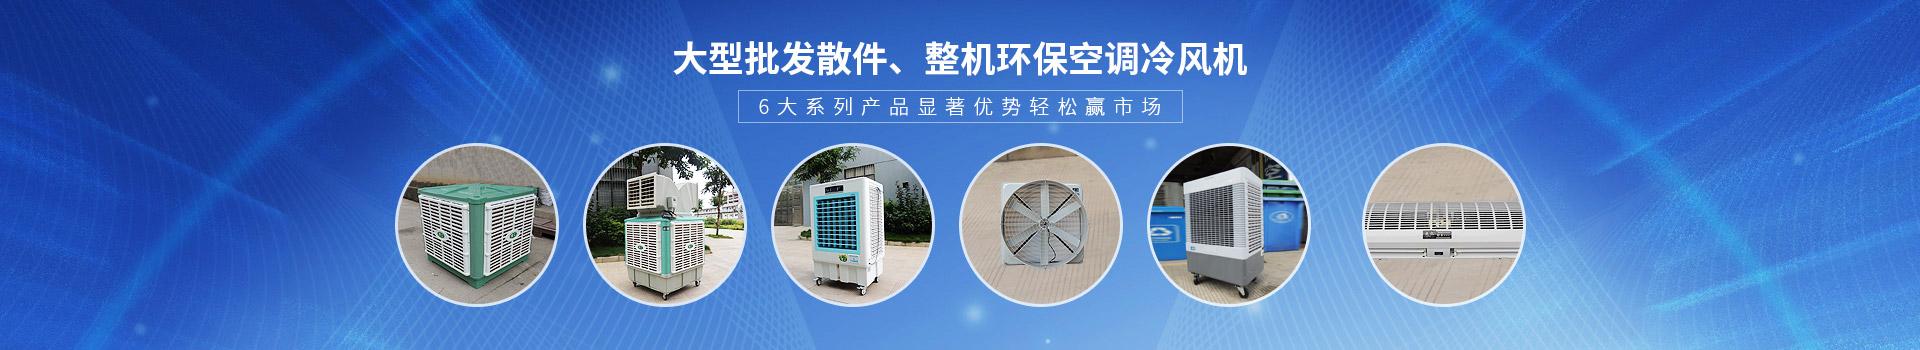 理工工贸-大型批发散件、整机环保空调冷风机